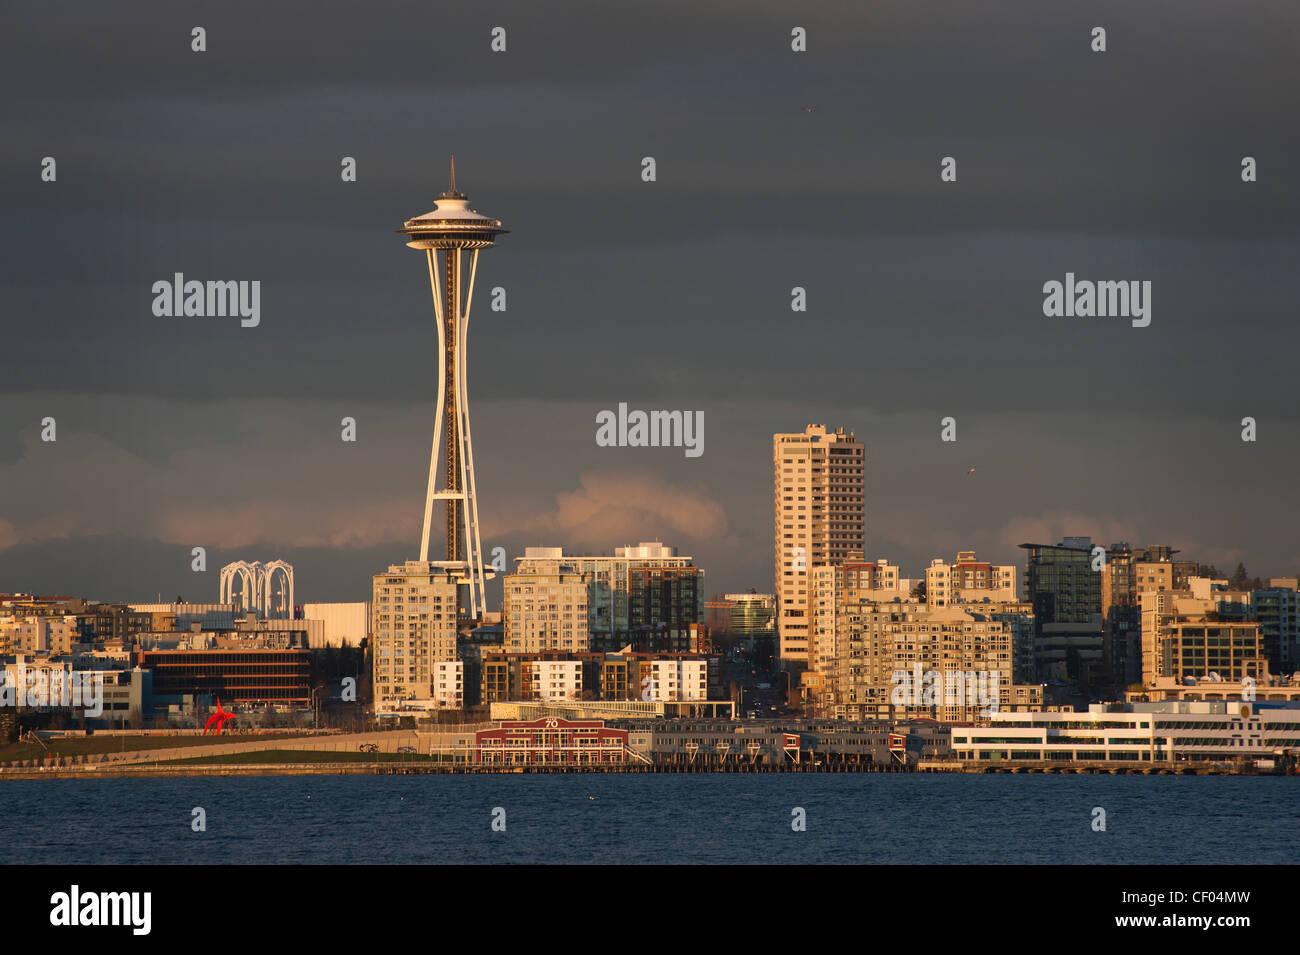 Un bellissimo skyline di Seattle al tramonto lungo la Baia di Elliott waterfront con la mitica Space Needle in background. Immagini Stock